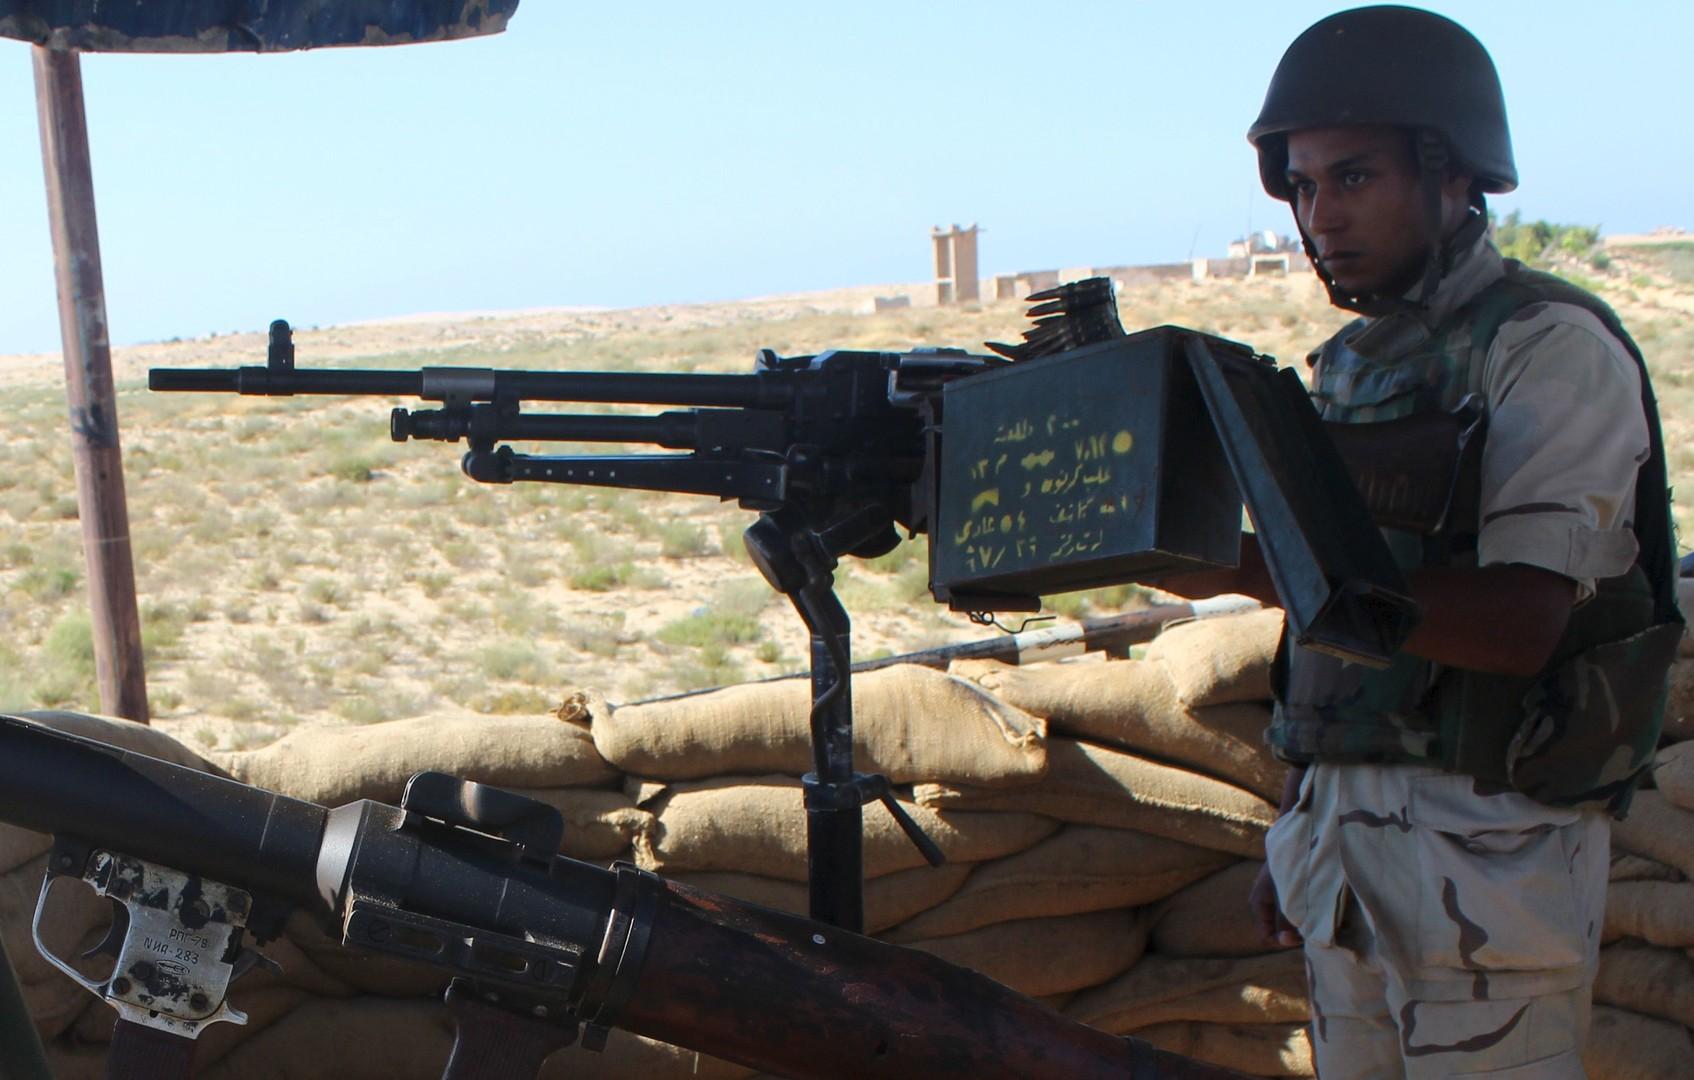 جندي مصري في نقطة مراقبة بالعريش